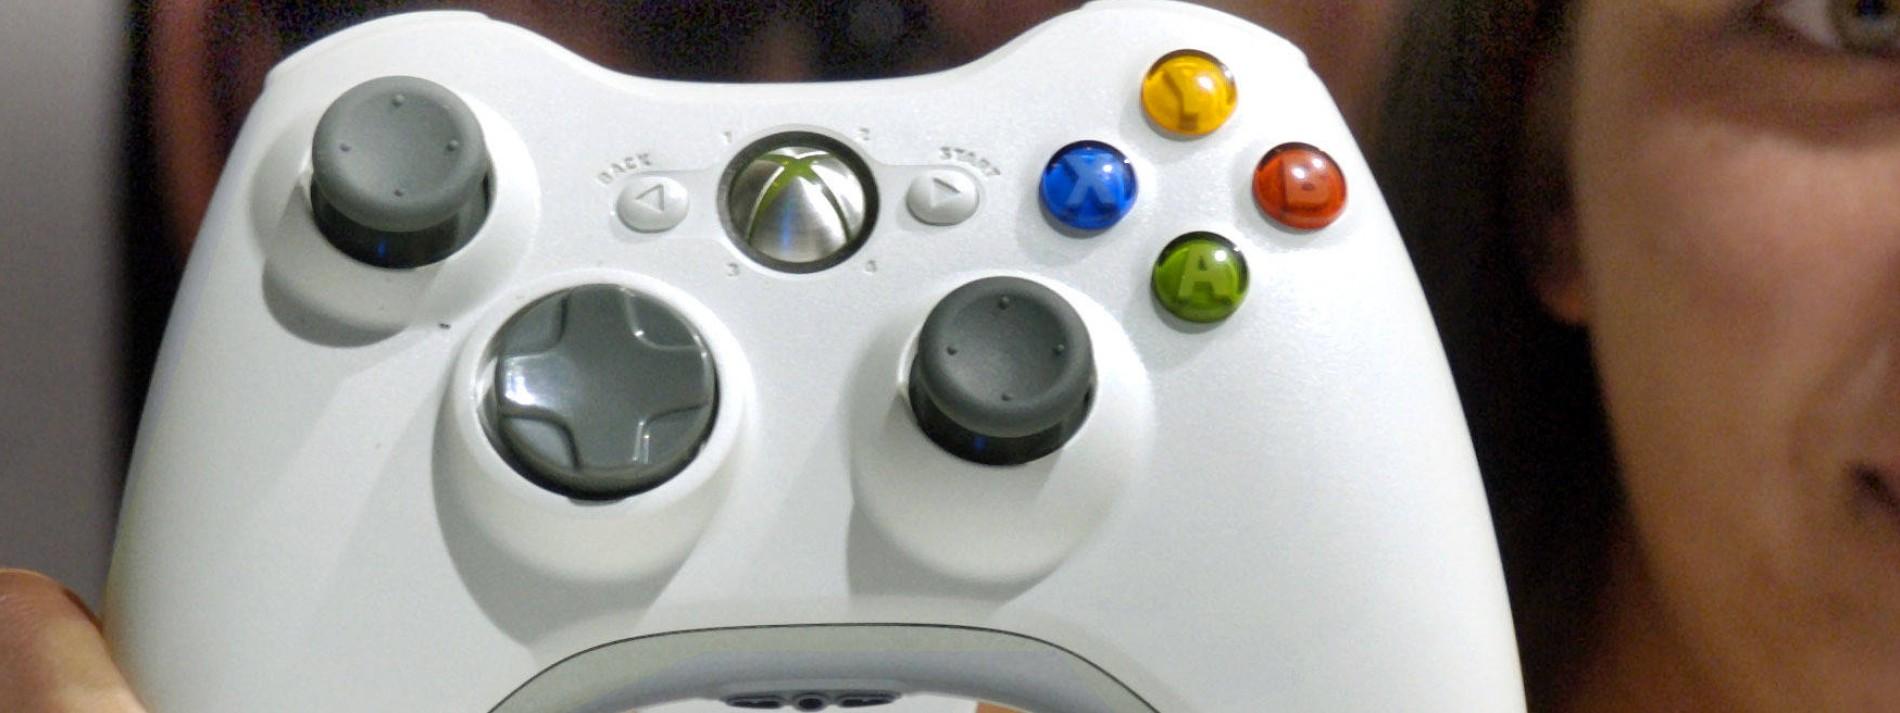 Die Xbox 360 hat ausgedient